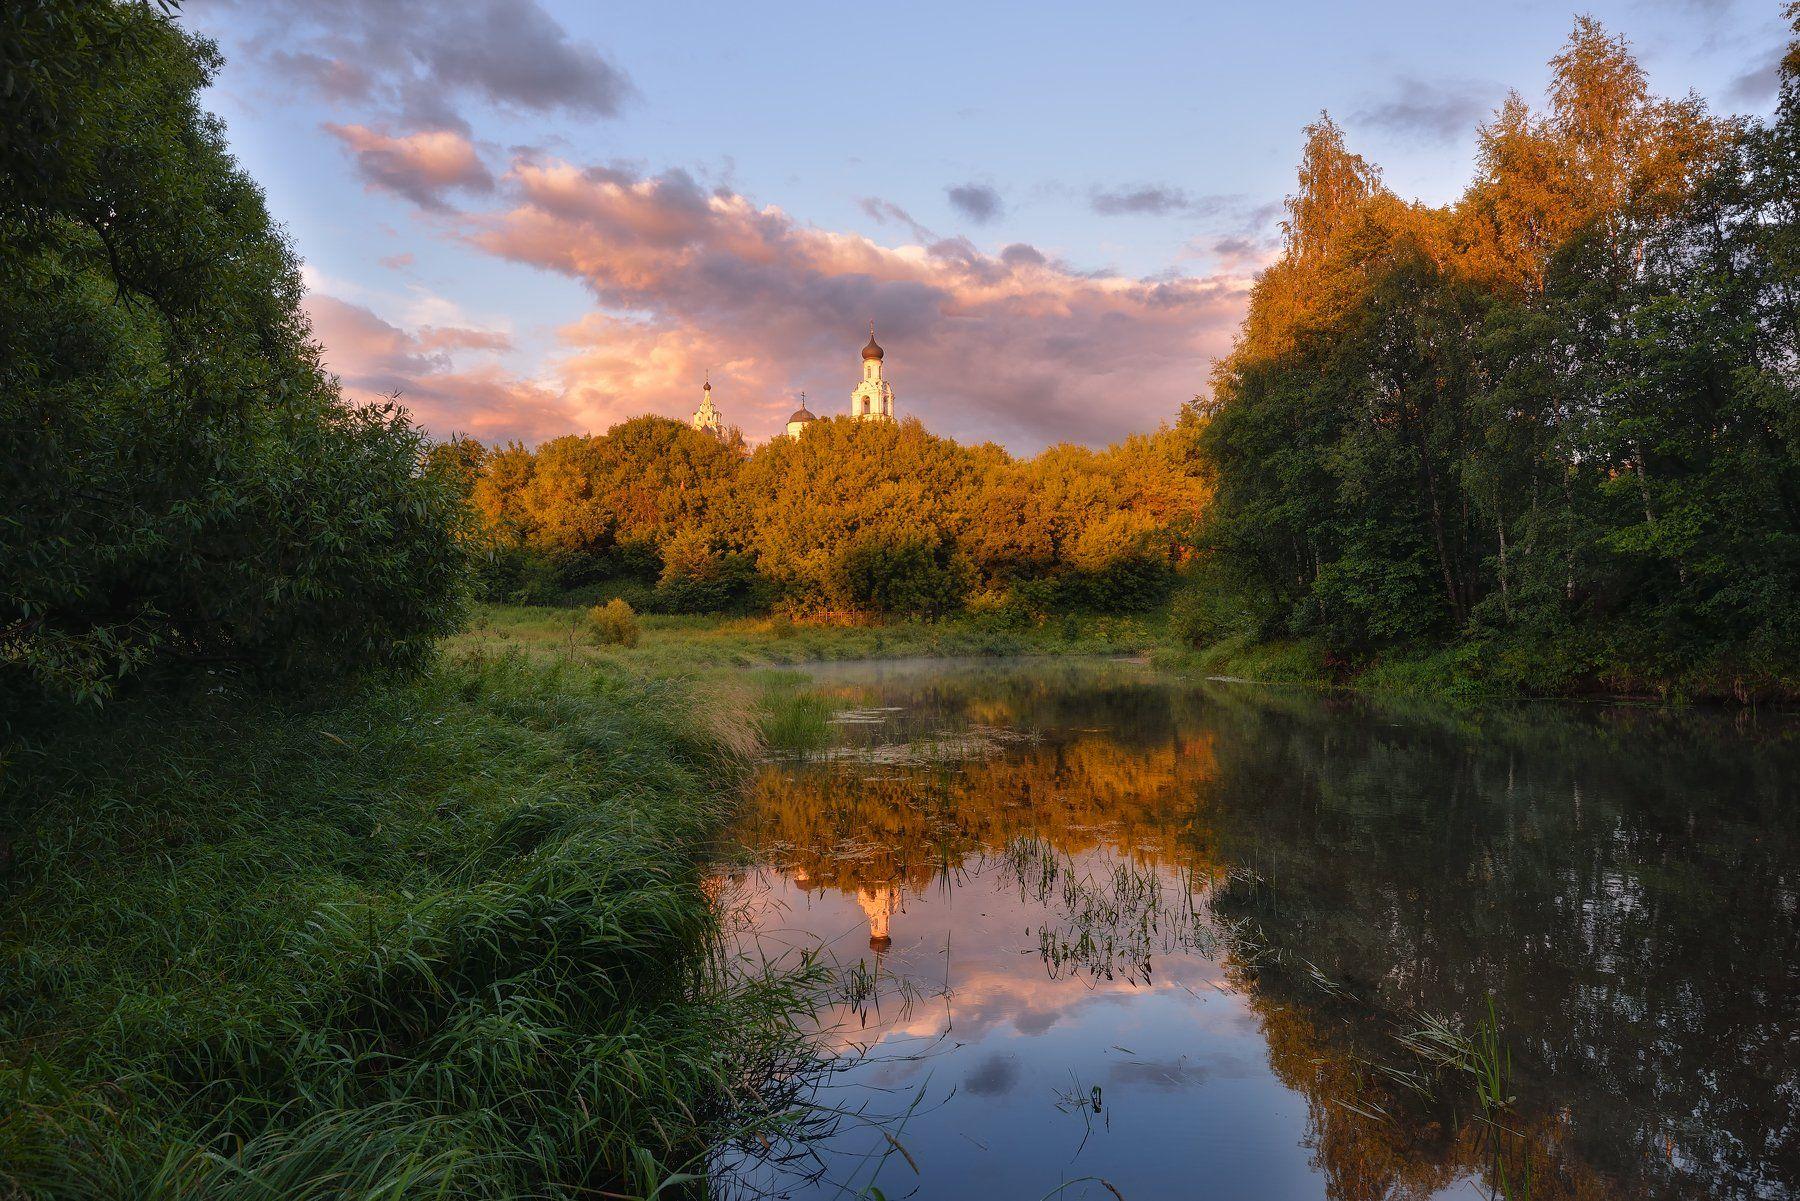 вечер,закат,река,свет,небо,облака,отражение,монастырь,киржач, Виталий Полуэктов